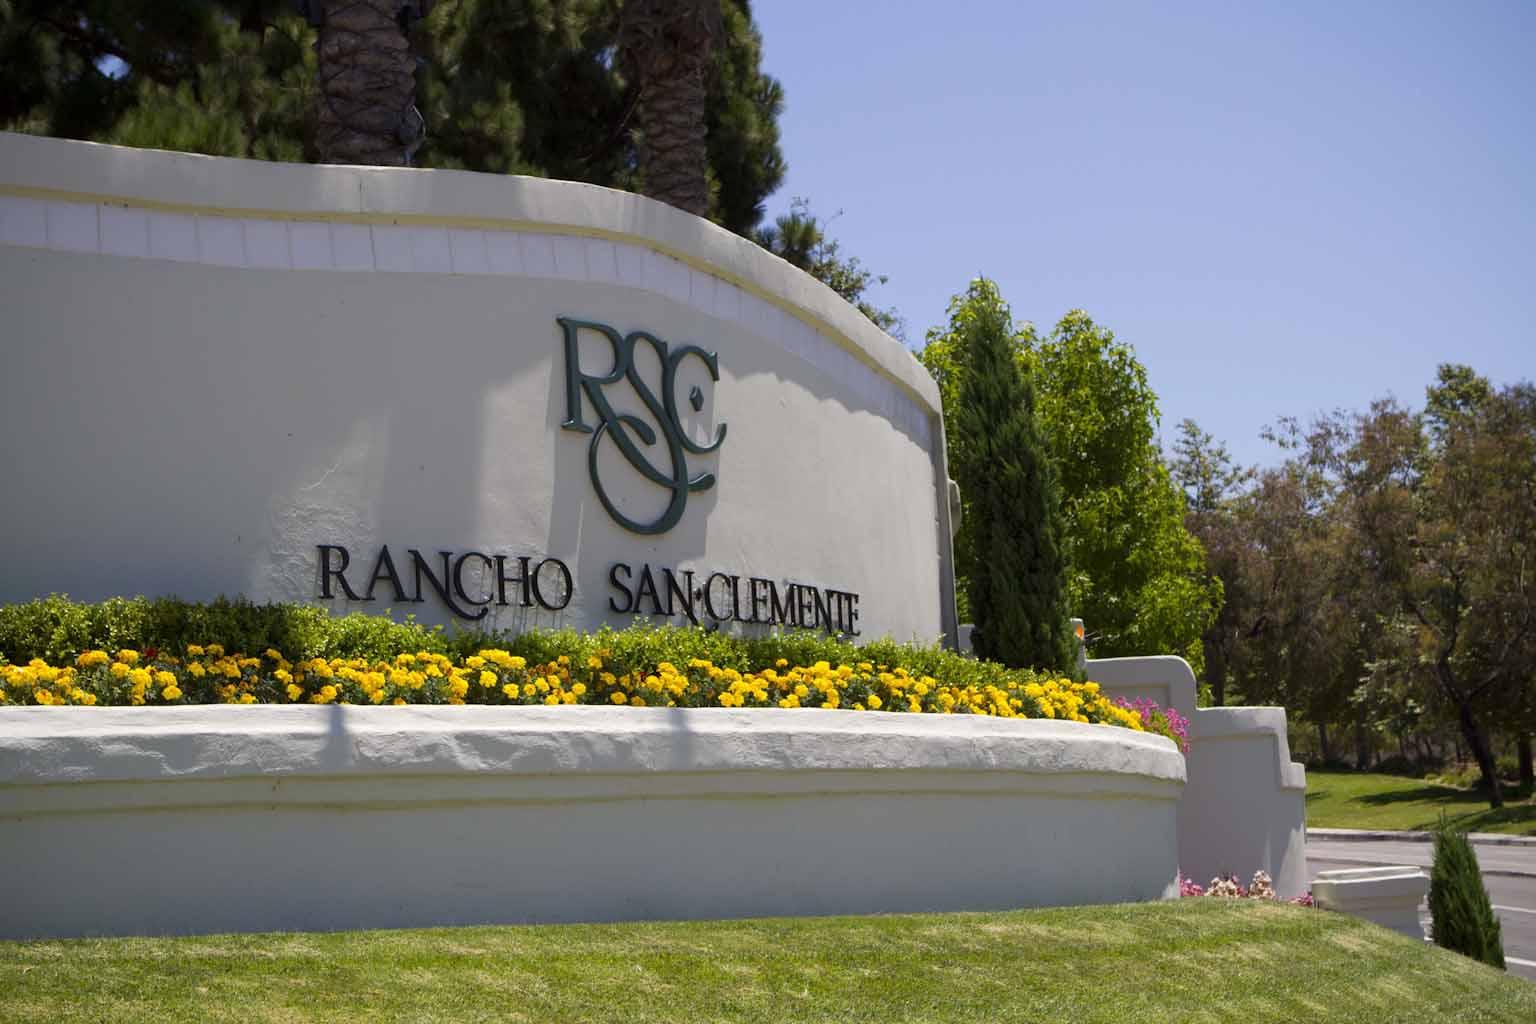 Rancho San Clemente